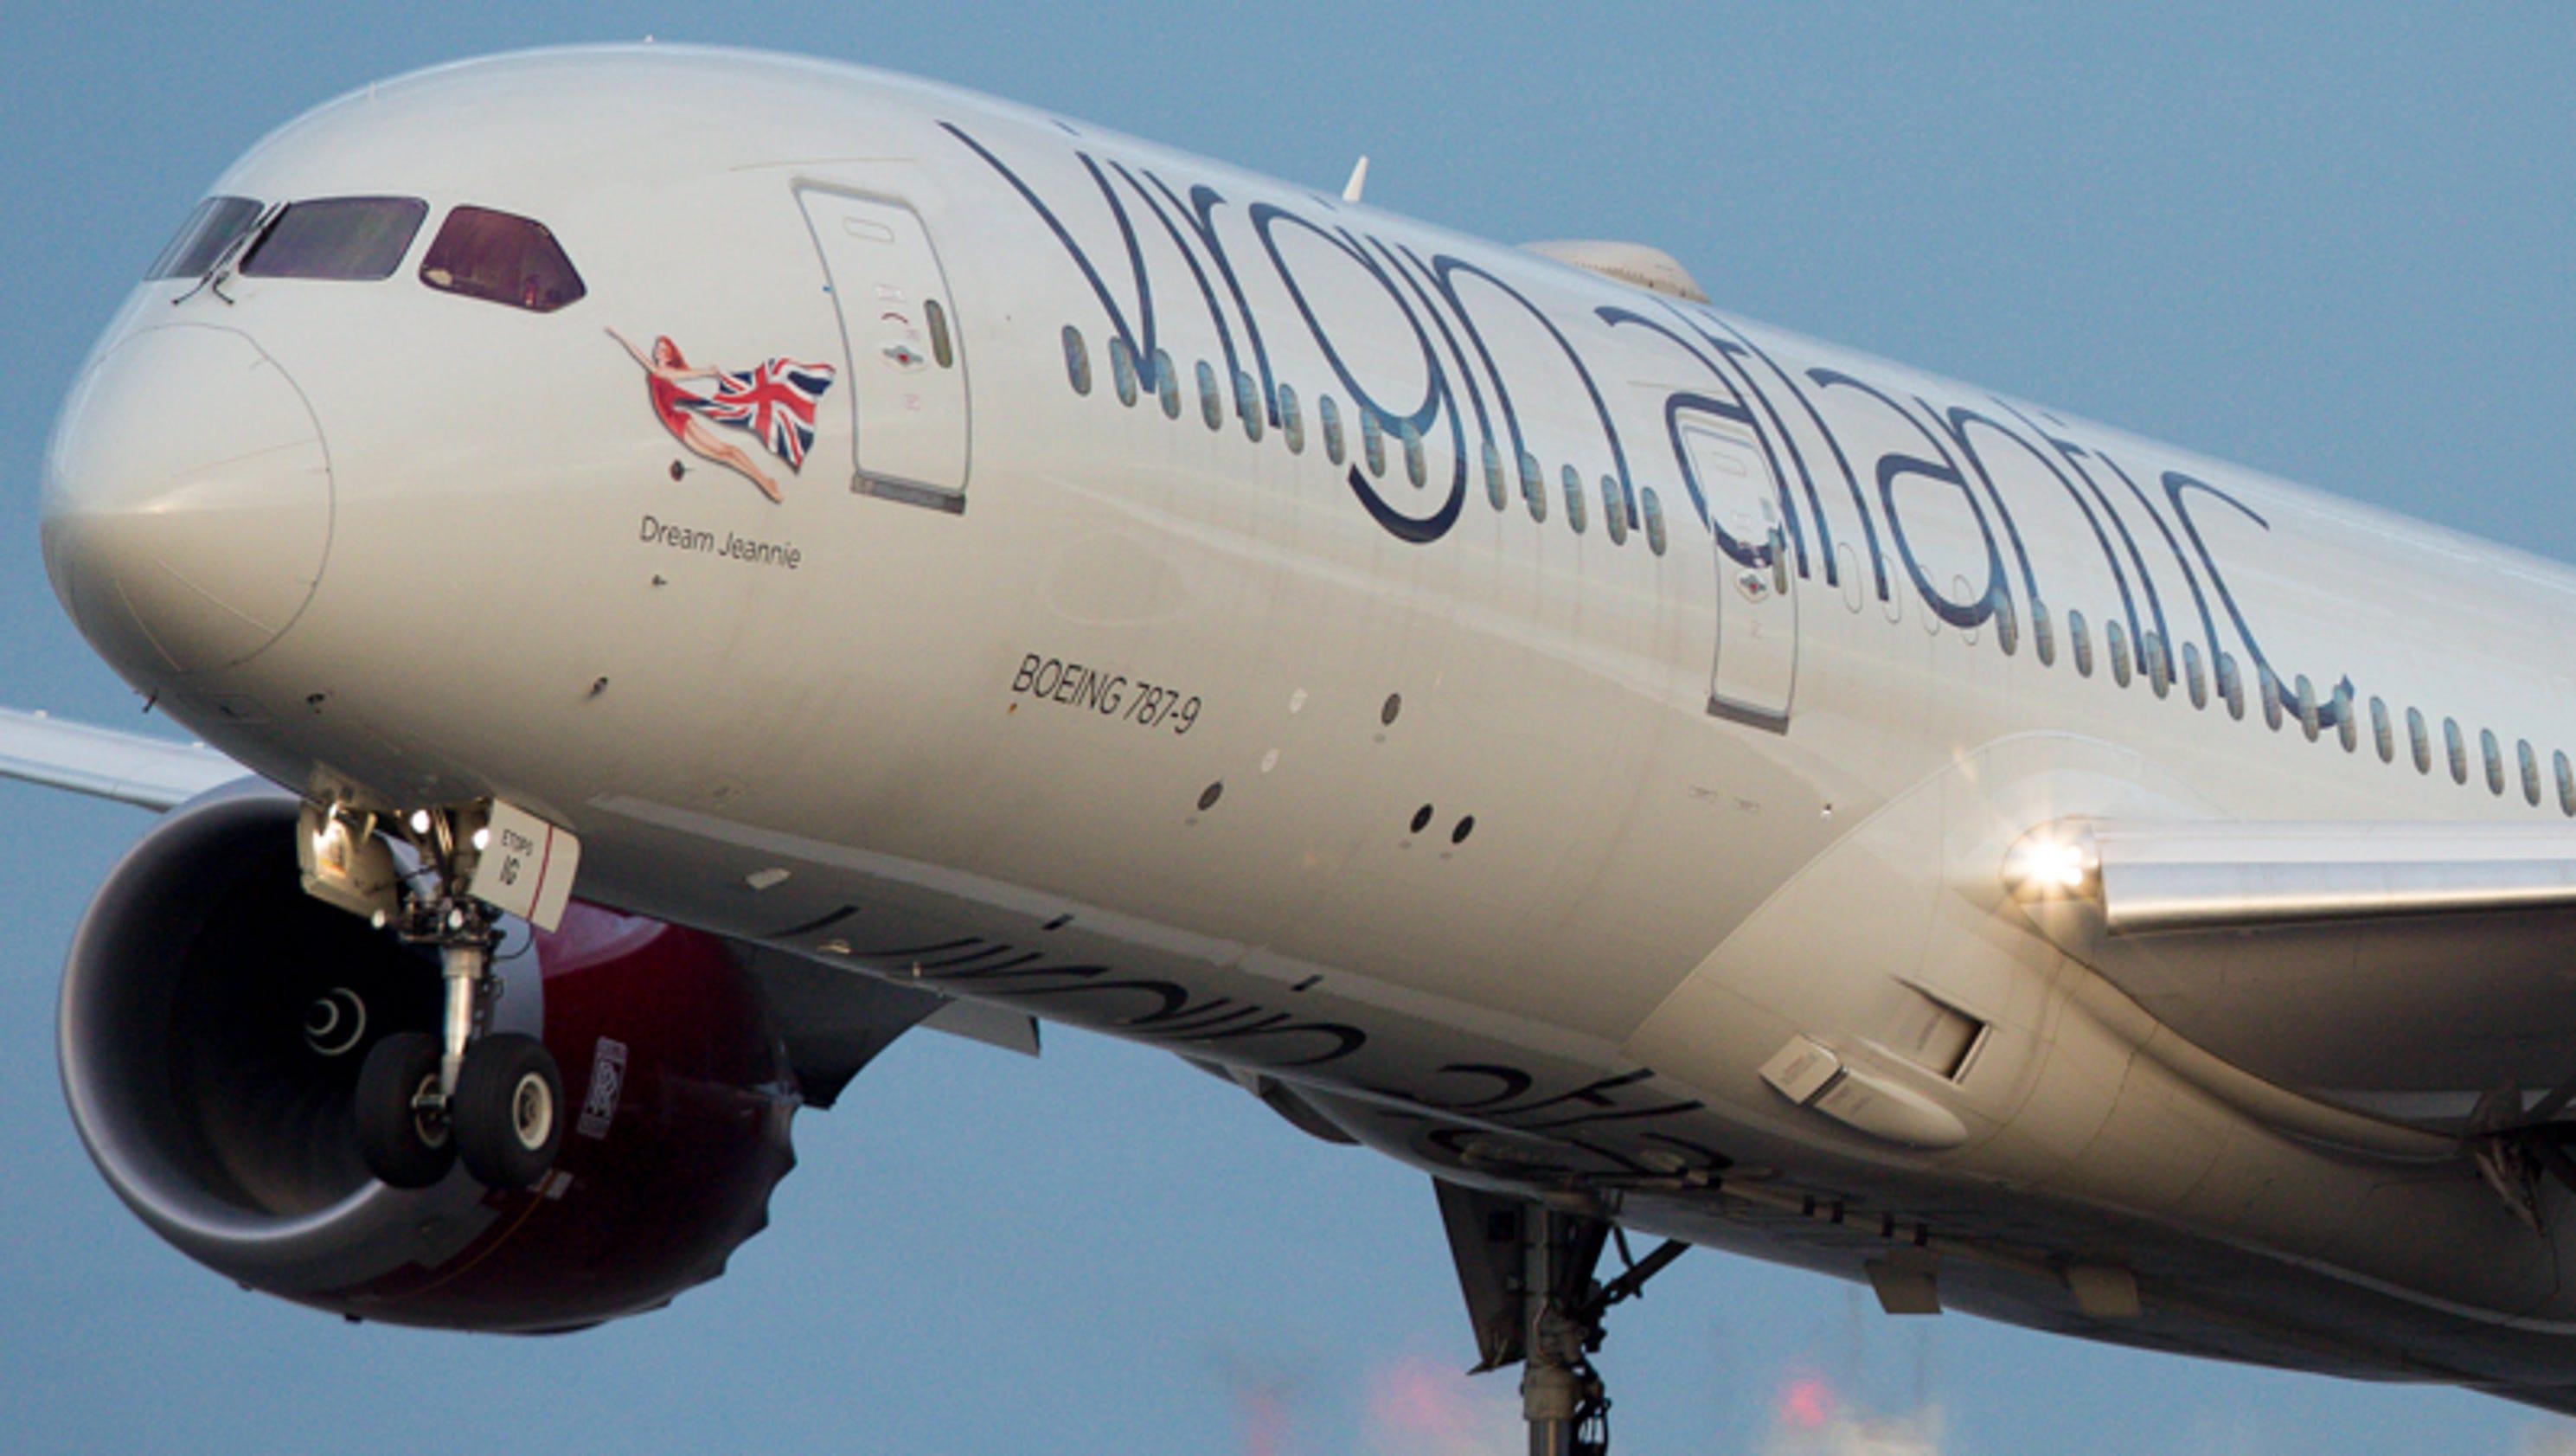 Virgin atlantic flight 103